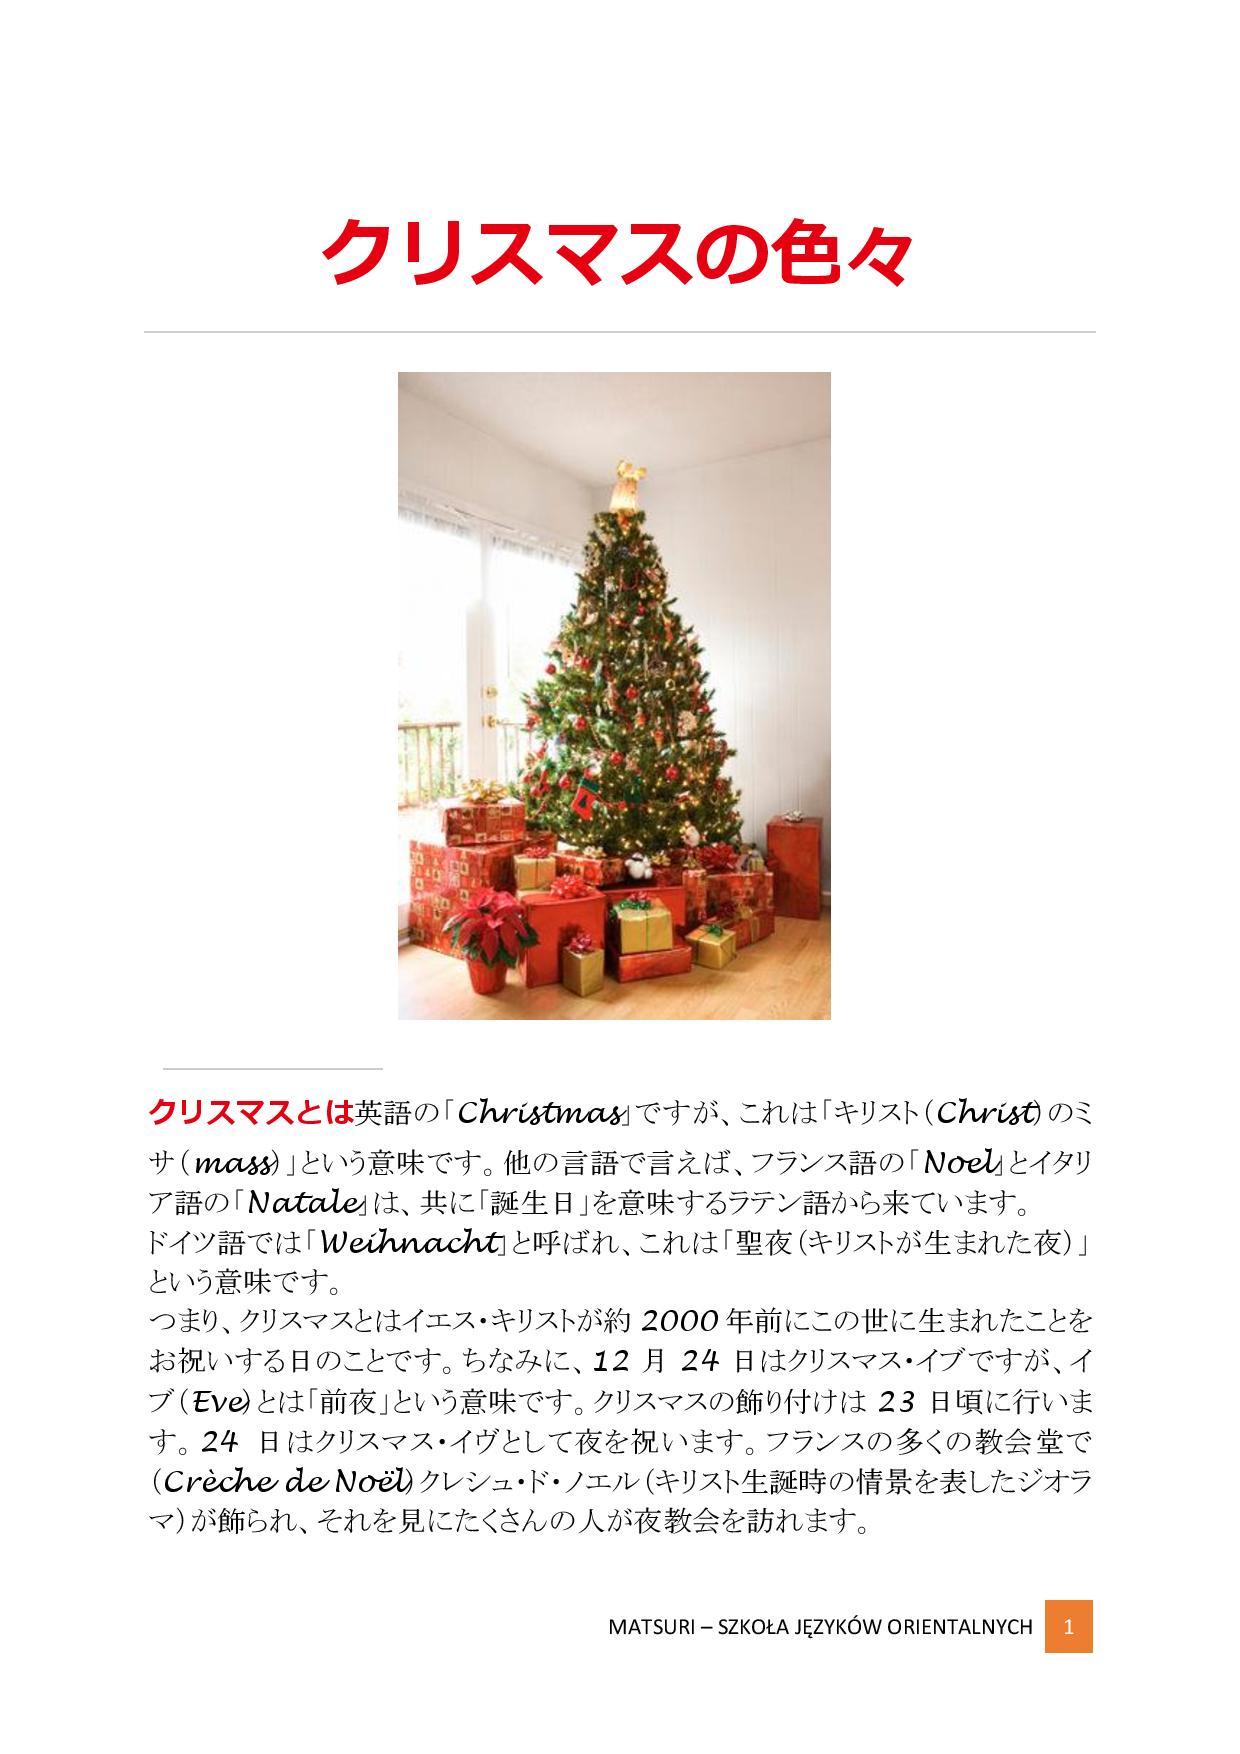 クリスマスの色々-page-001